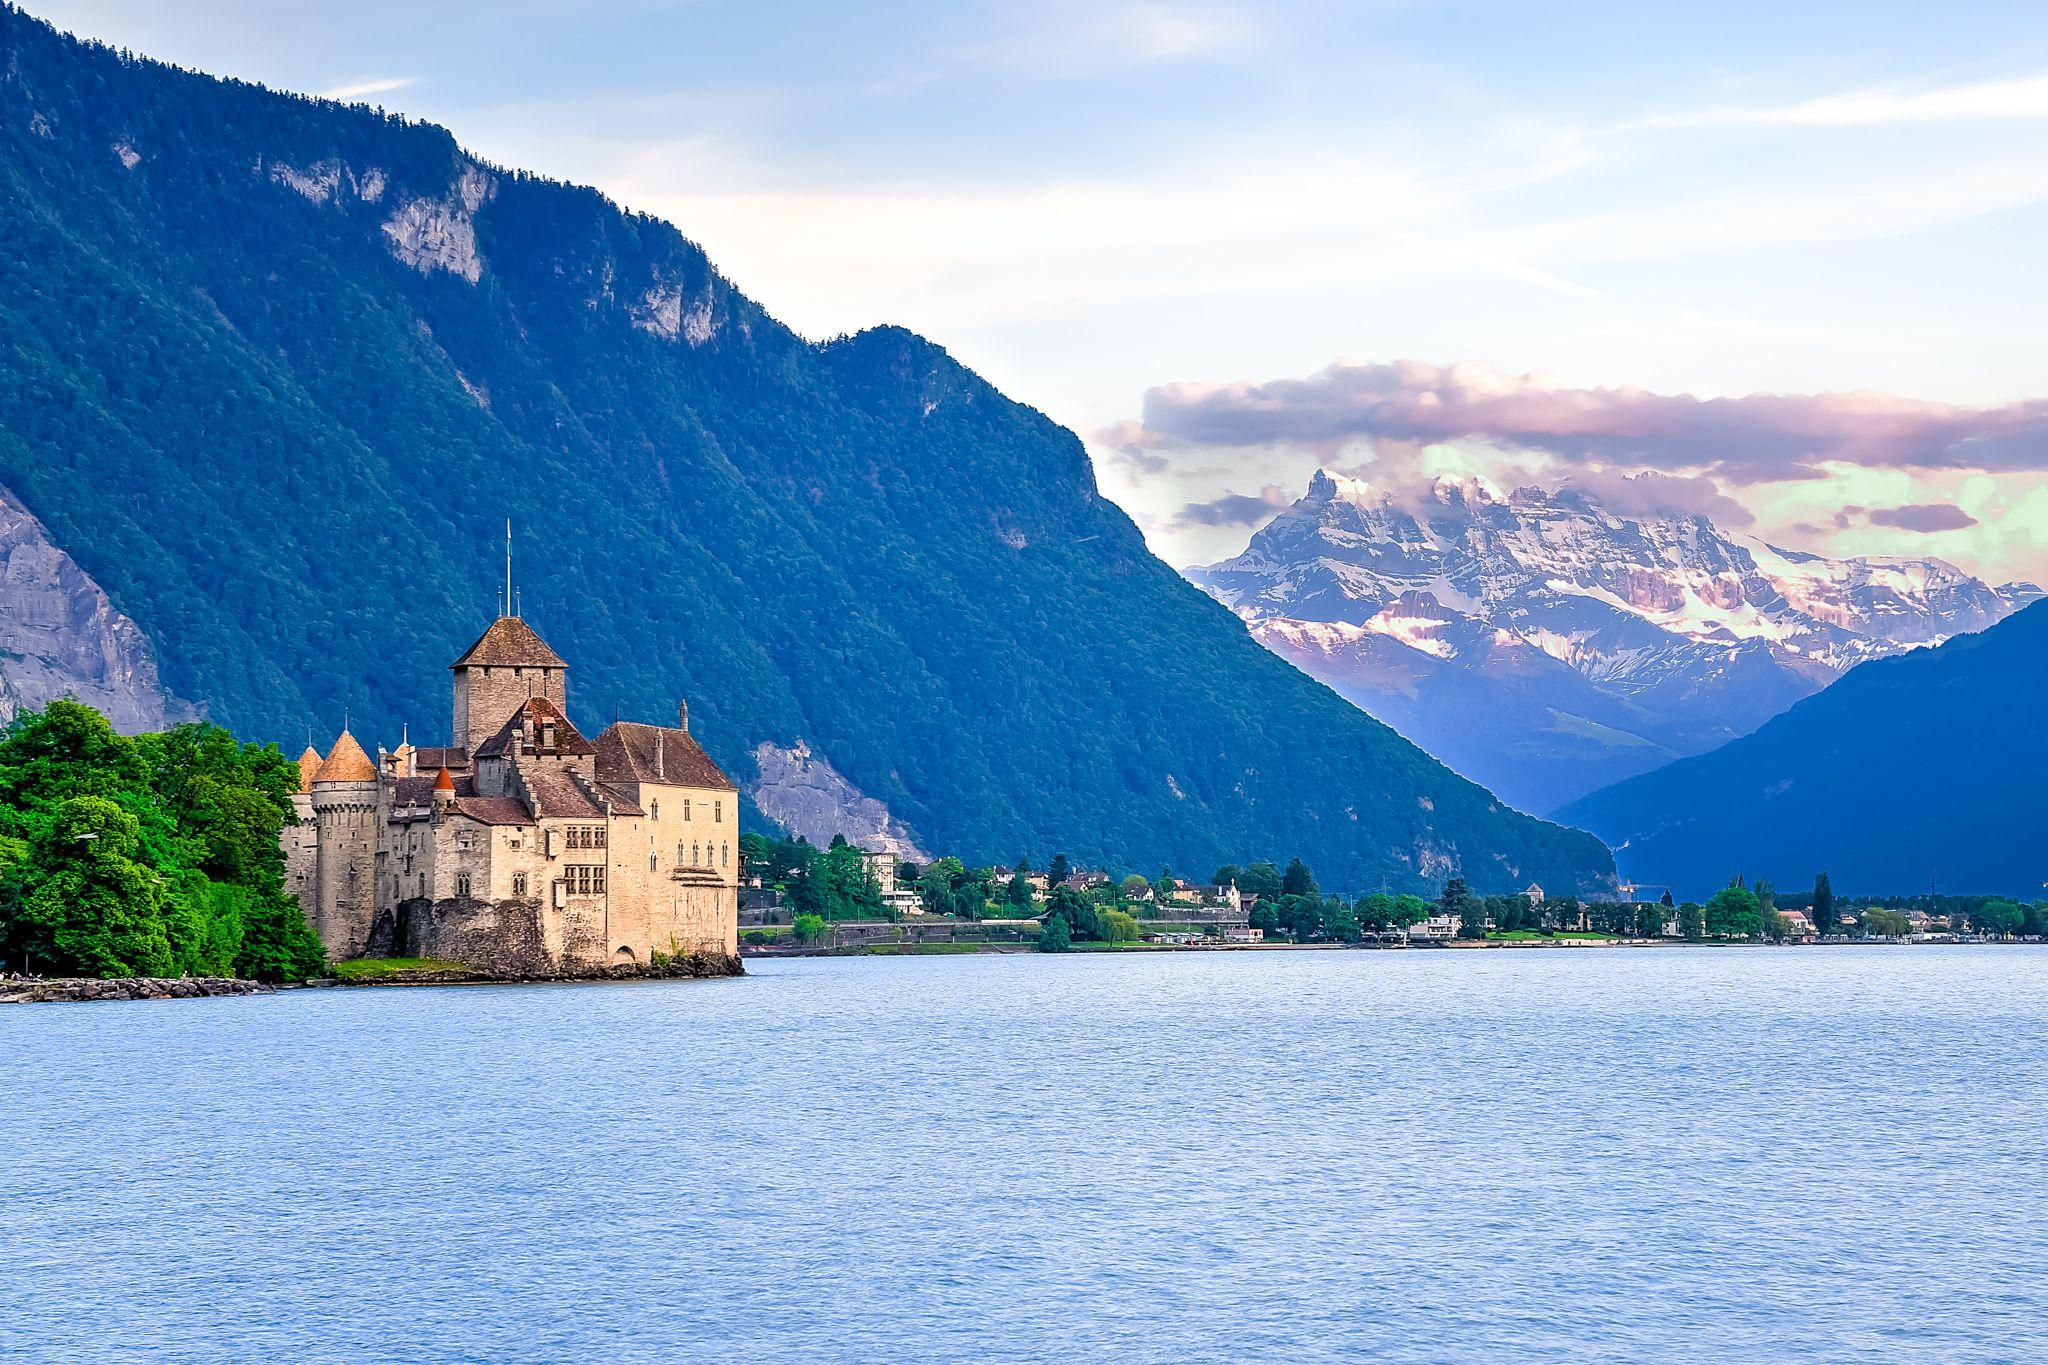 スイスの絶景スポットまとめ!一度は見たい壮大すぎるアルプスの大自然と街並み